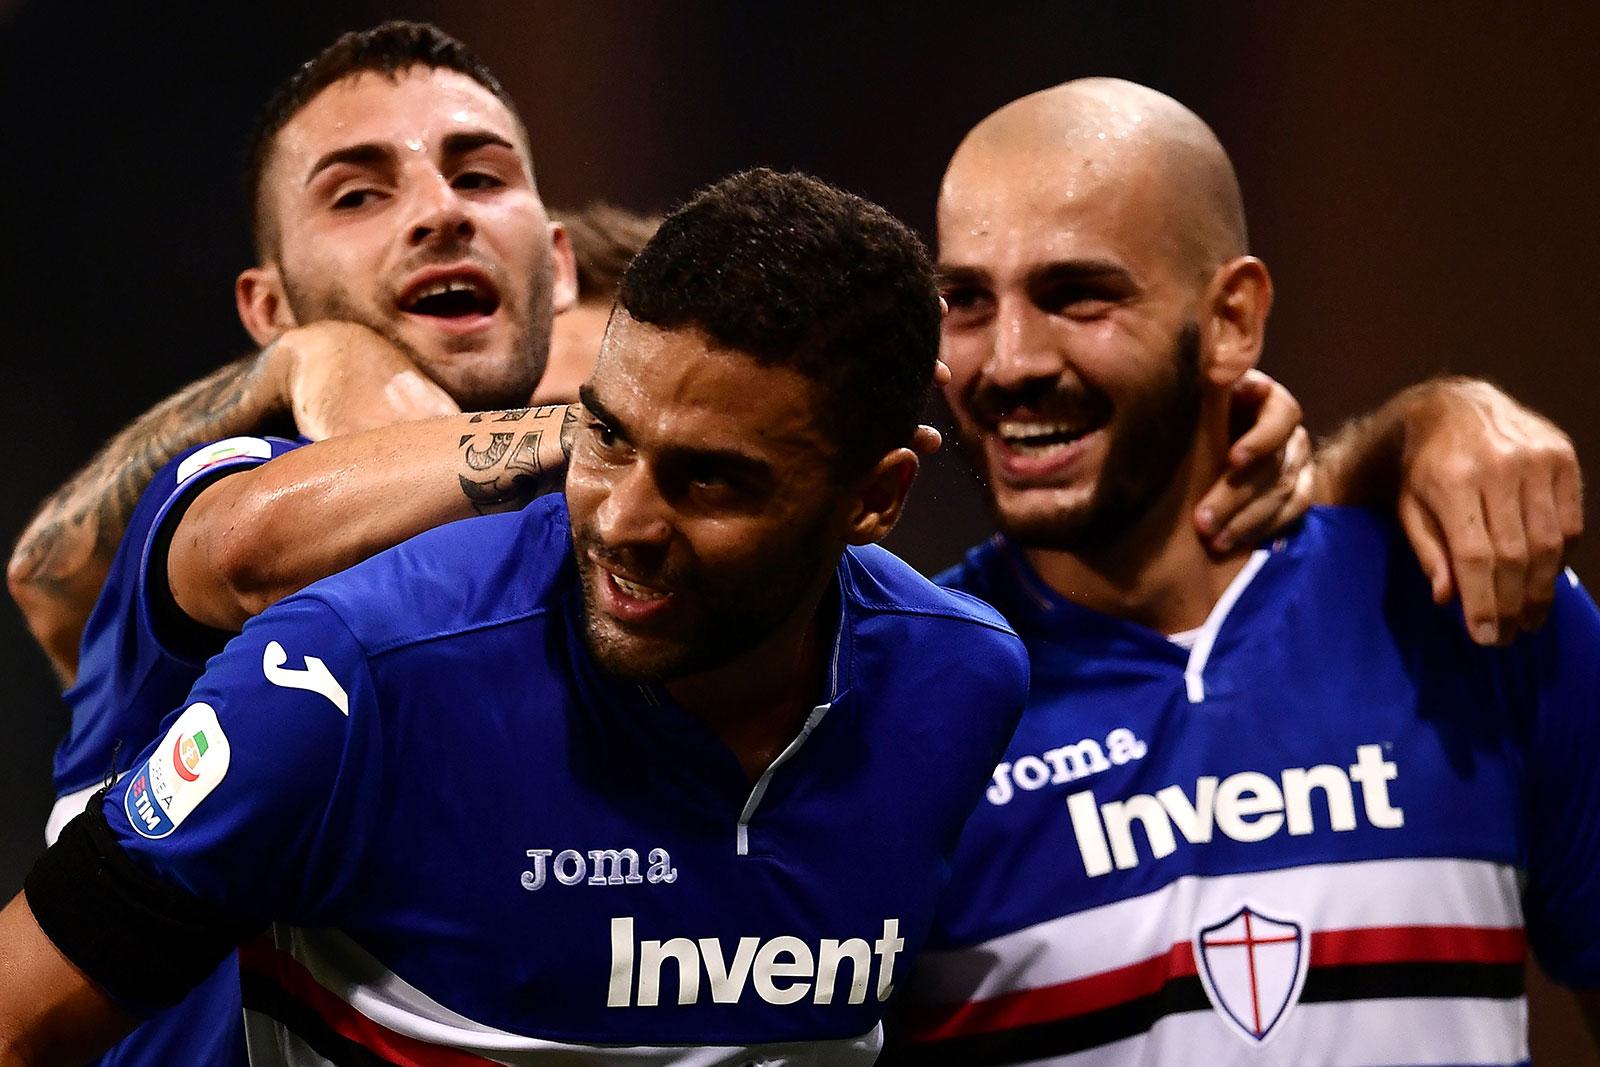 Grégoire Defrel celebrating during Sampdoria-Napoli at Stadio Luigi Ferraris on September 2, 2018. (Photo by Paolo Rattini/Getty Images)